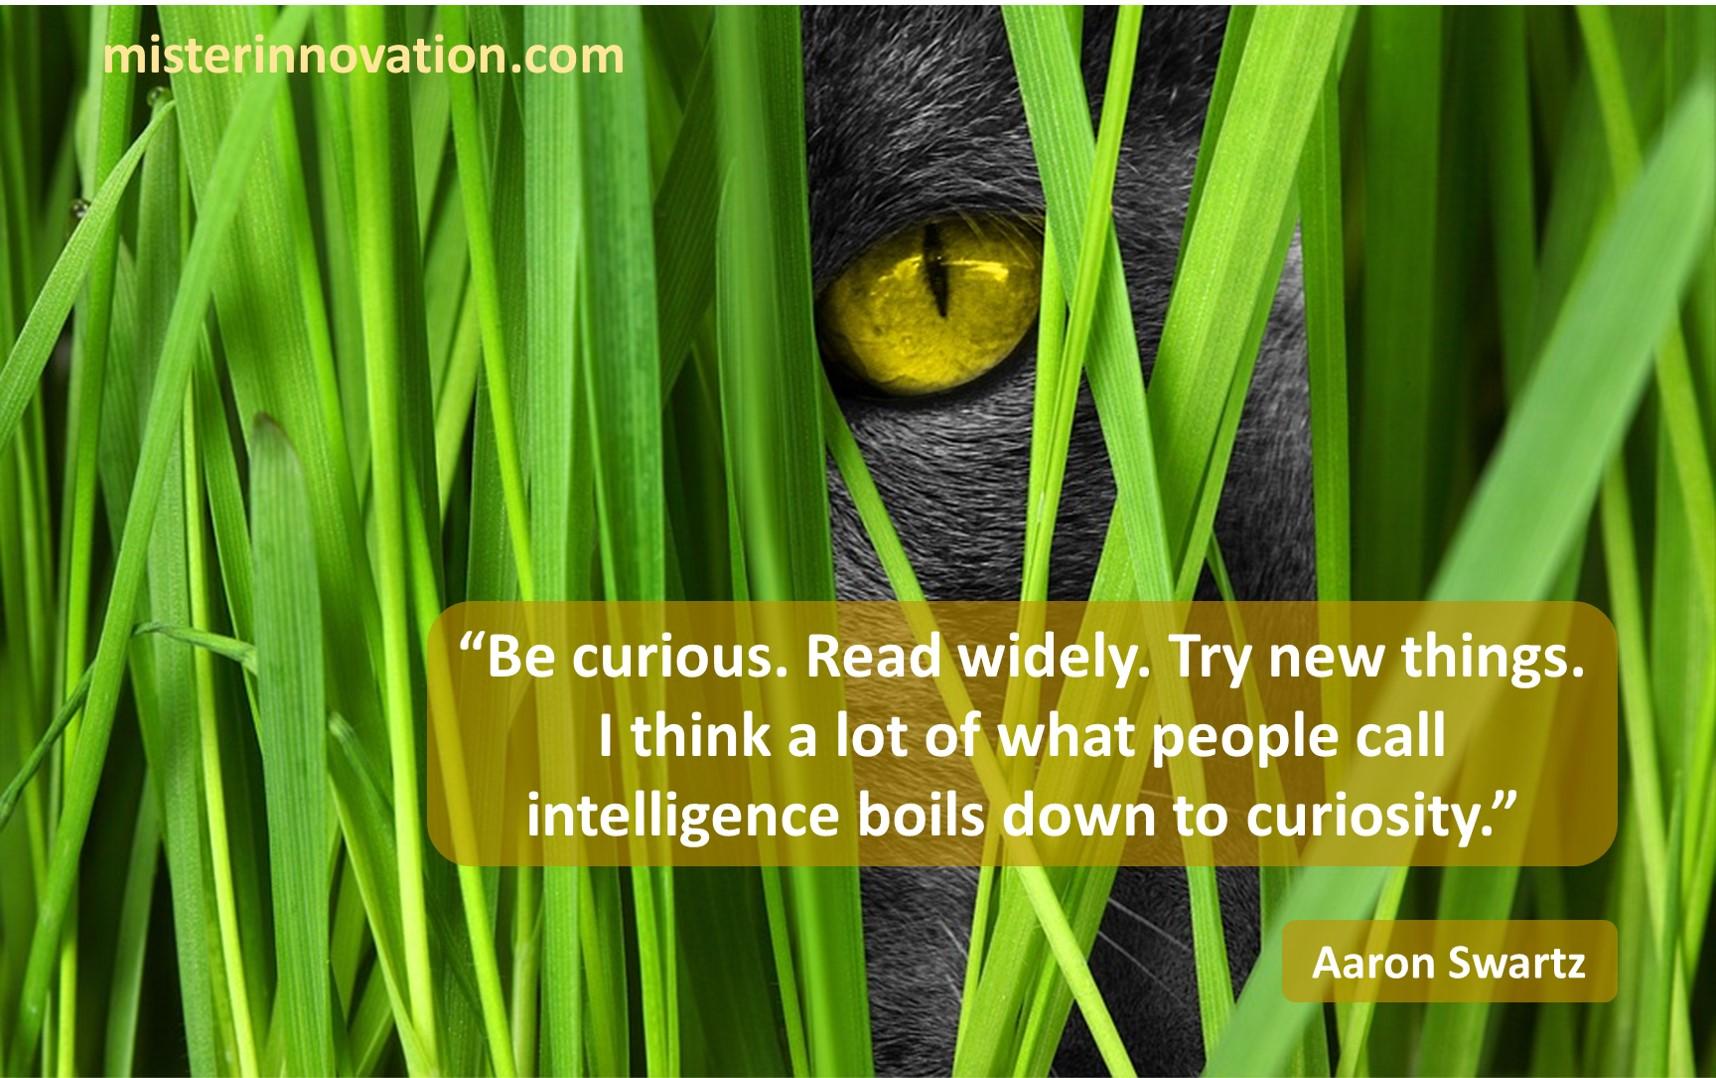 Aaron Swartz Curiosity